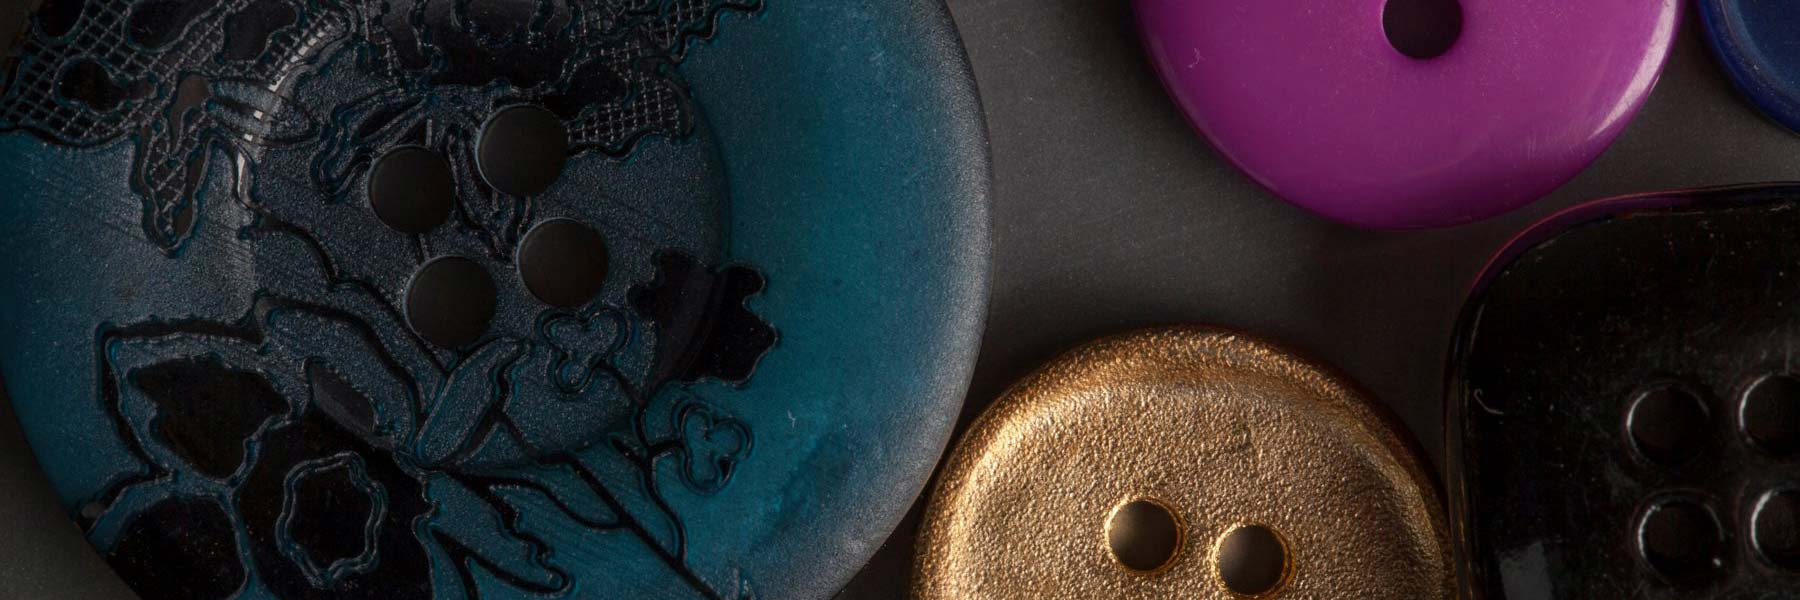 Bespoke Textiles buttons